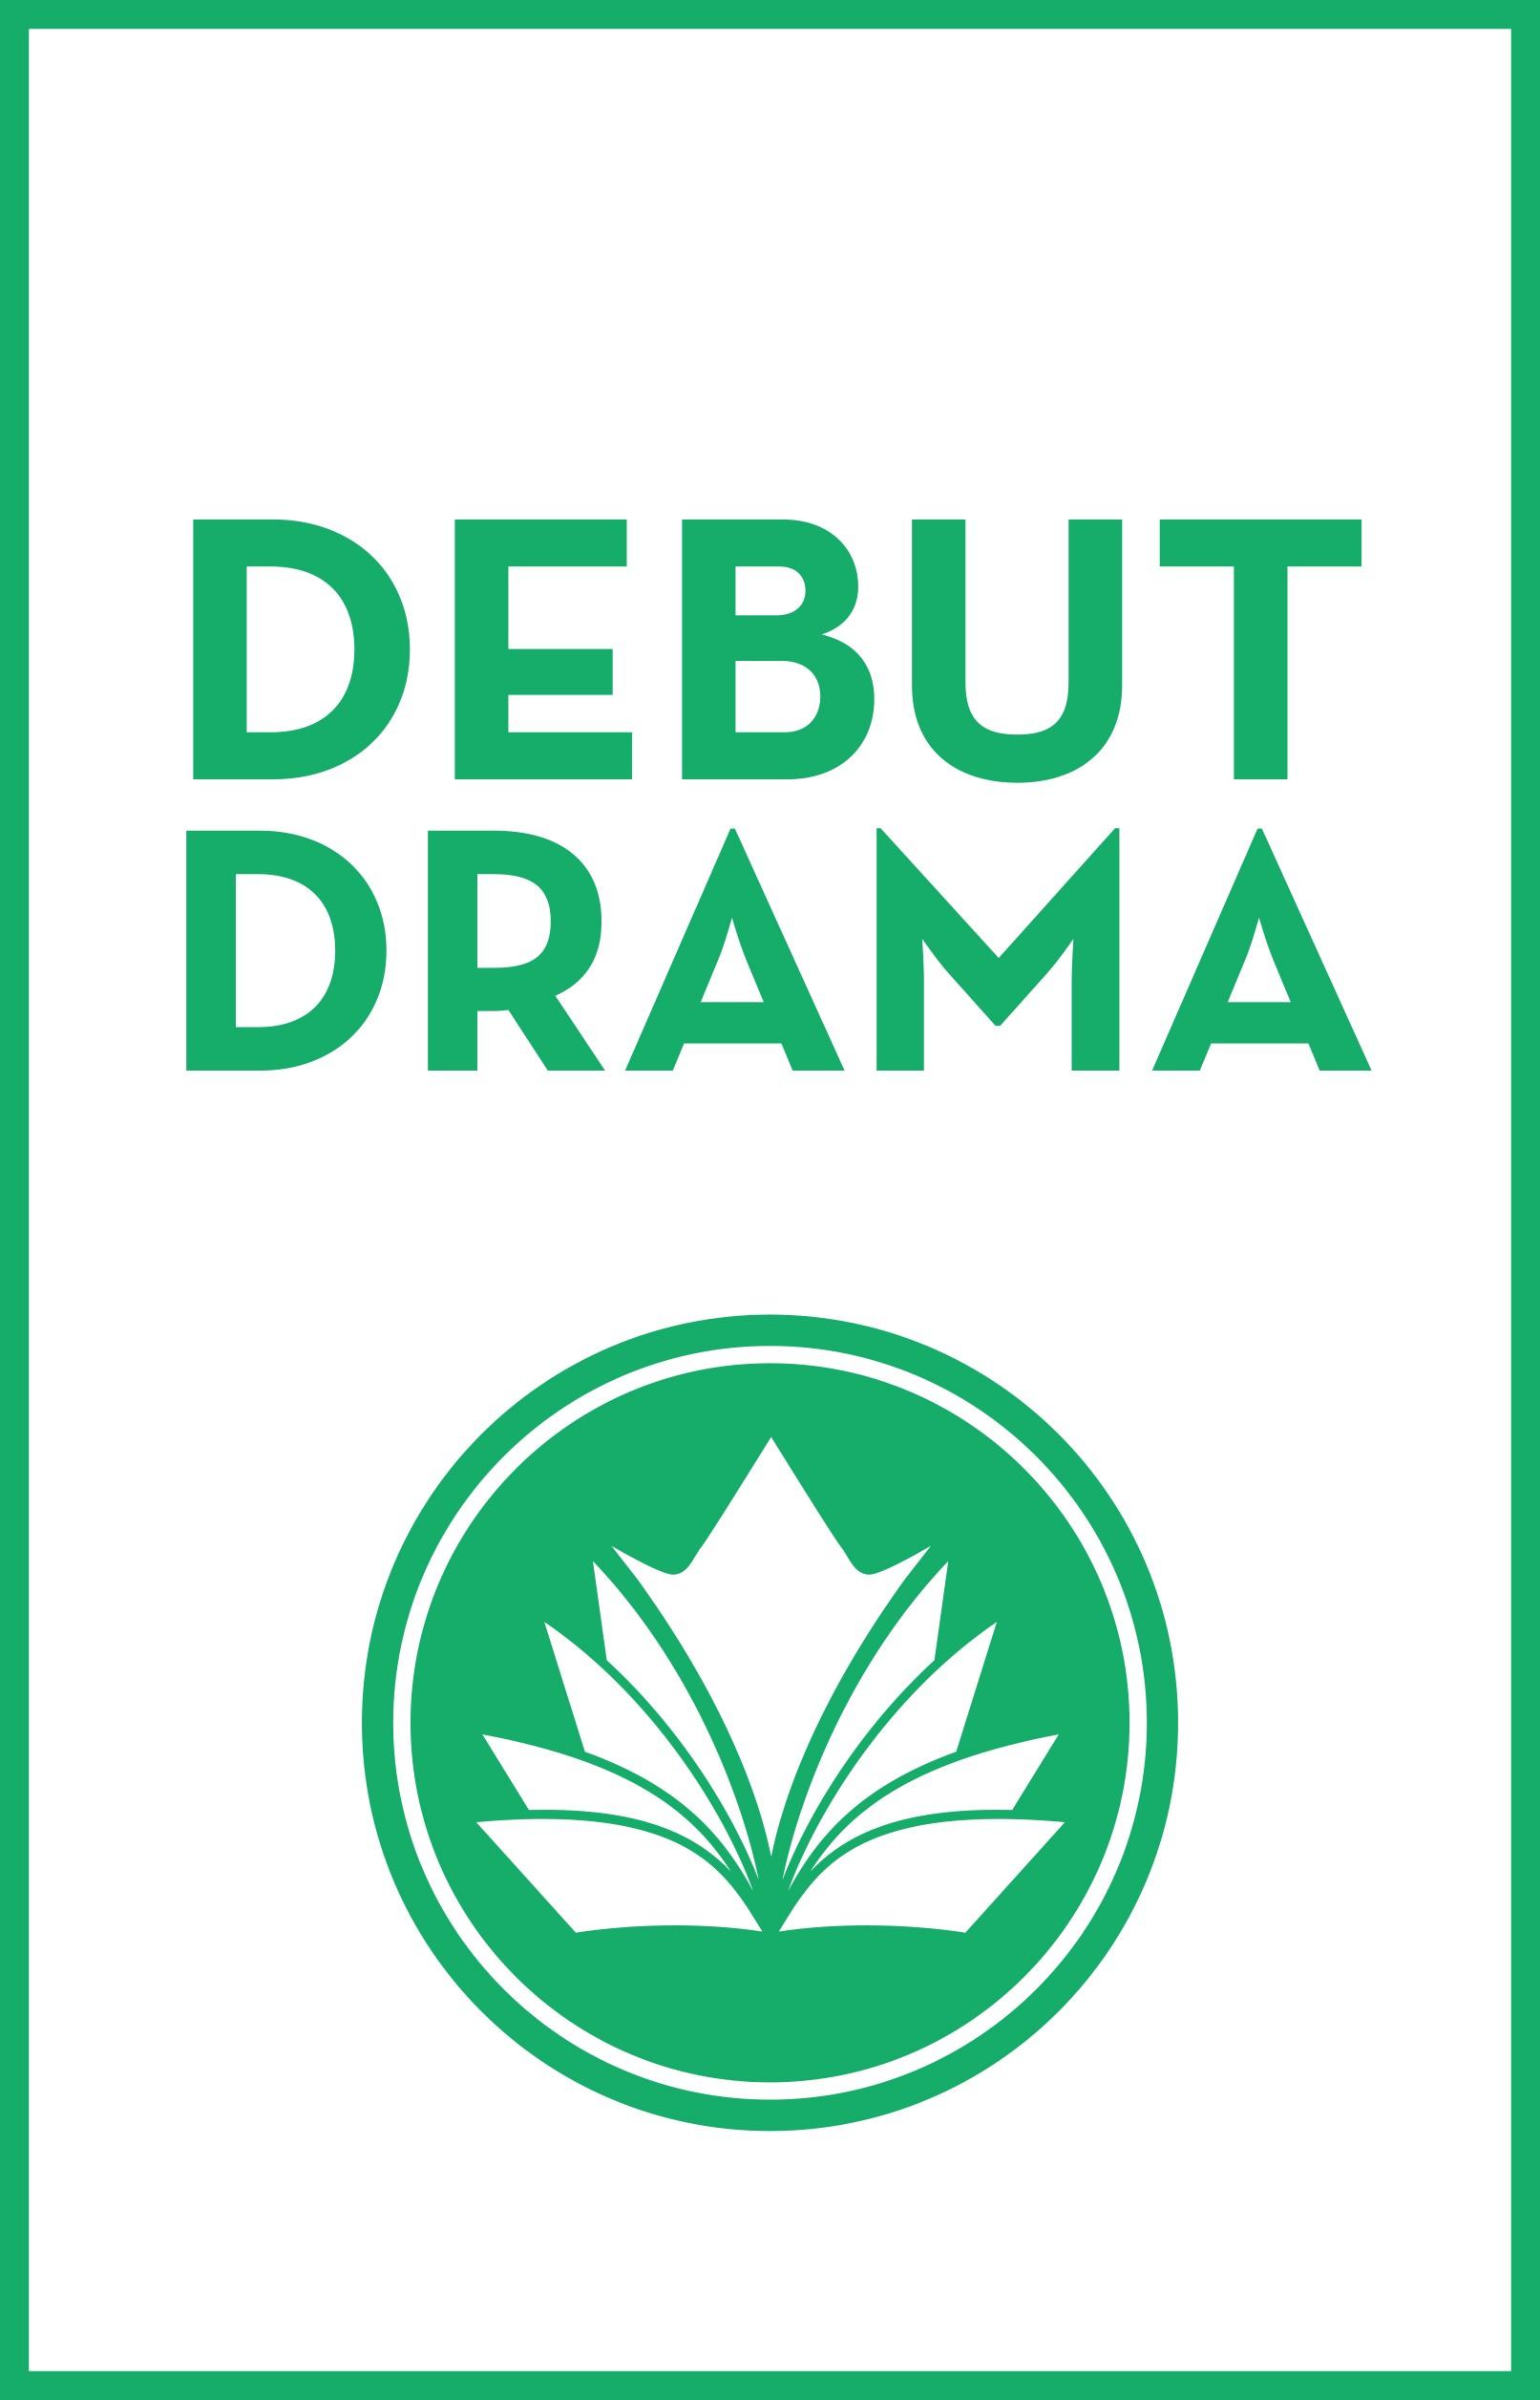 Debut Drama